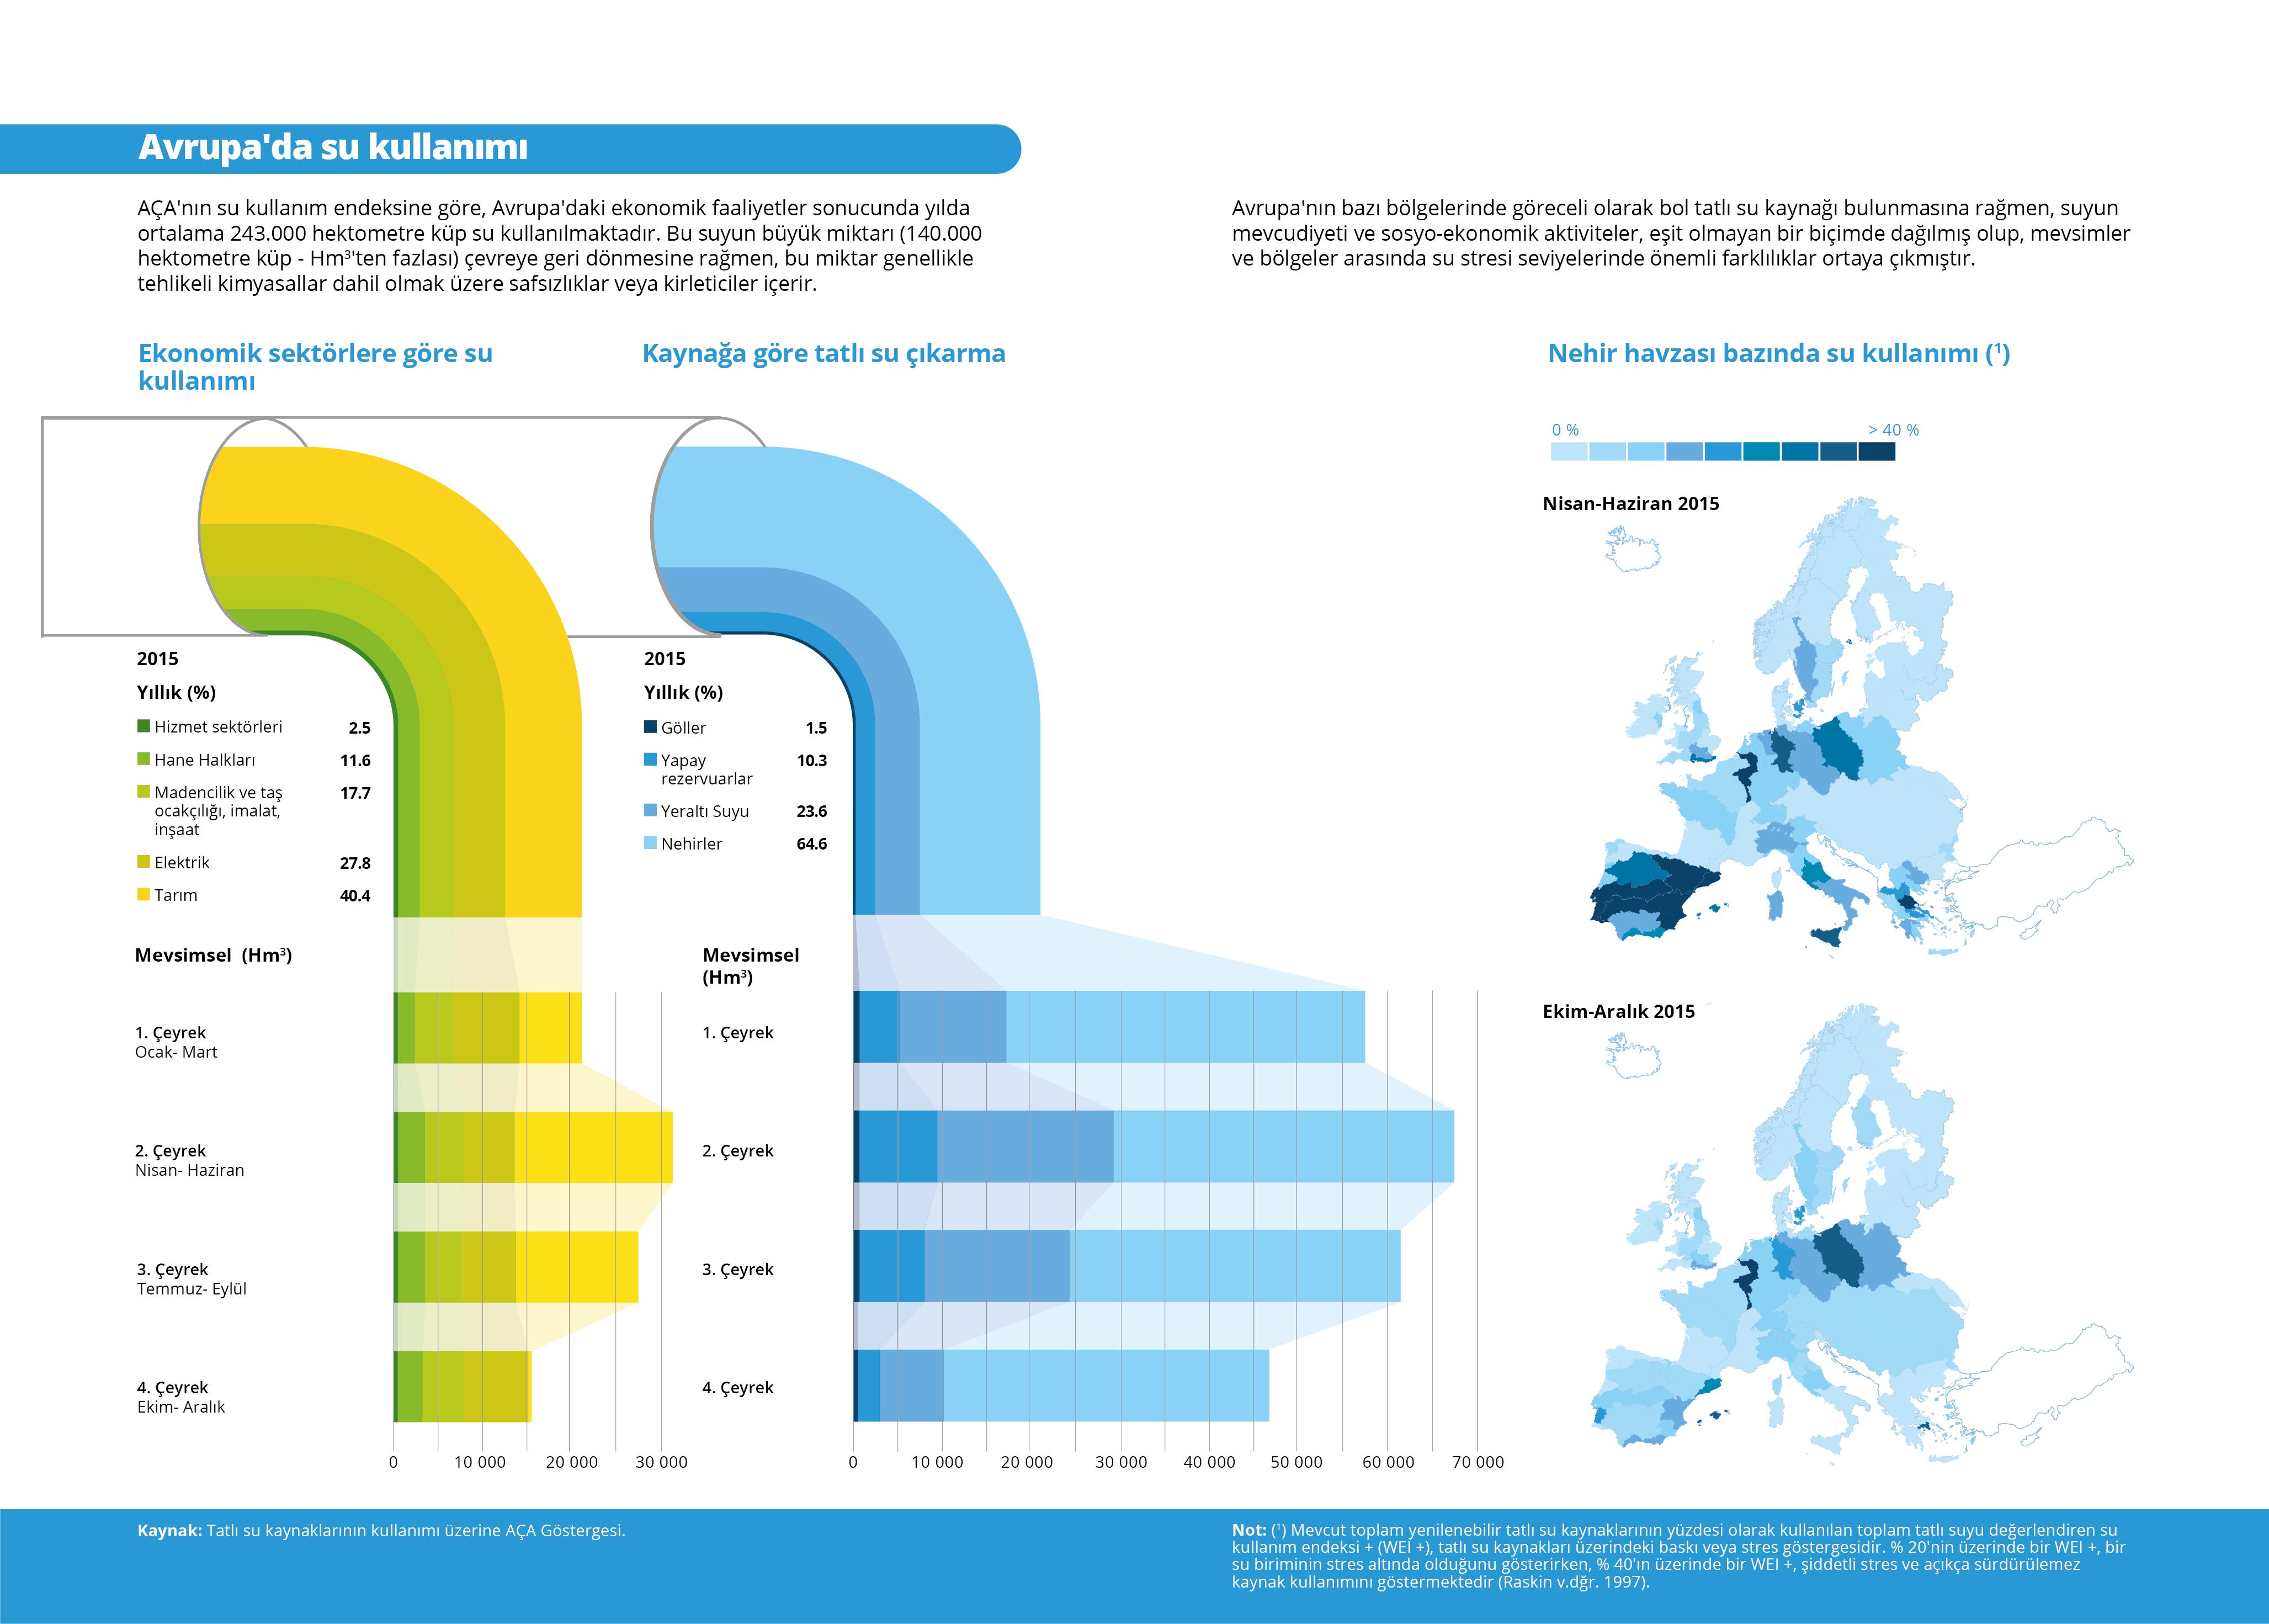 Avrupa'da su kullanımı